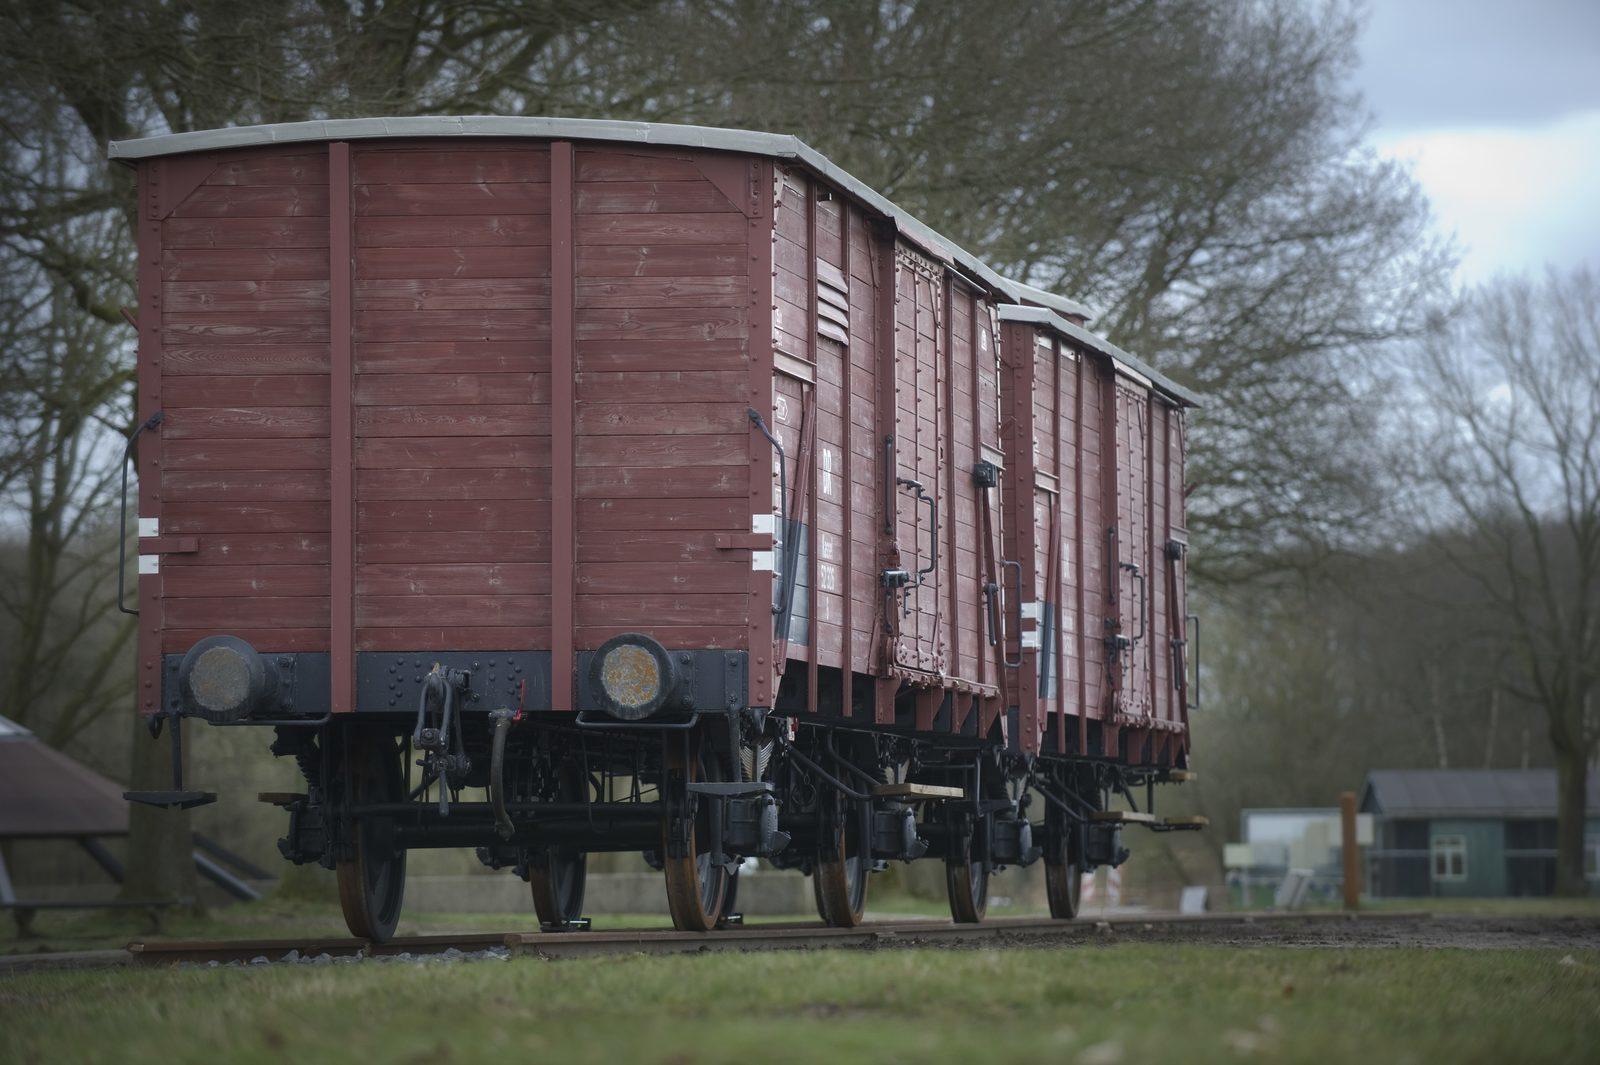 Memorial Center Kamp Westerbork